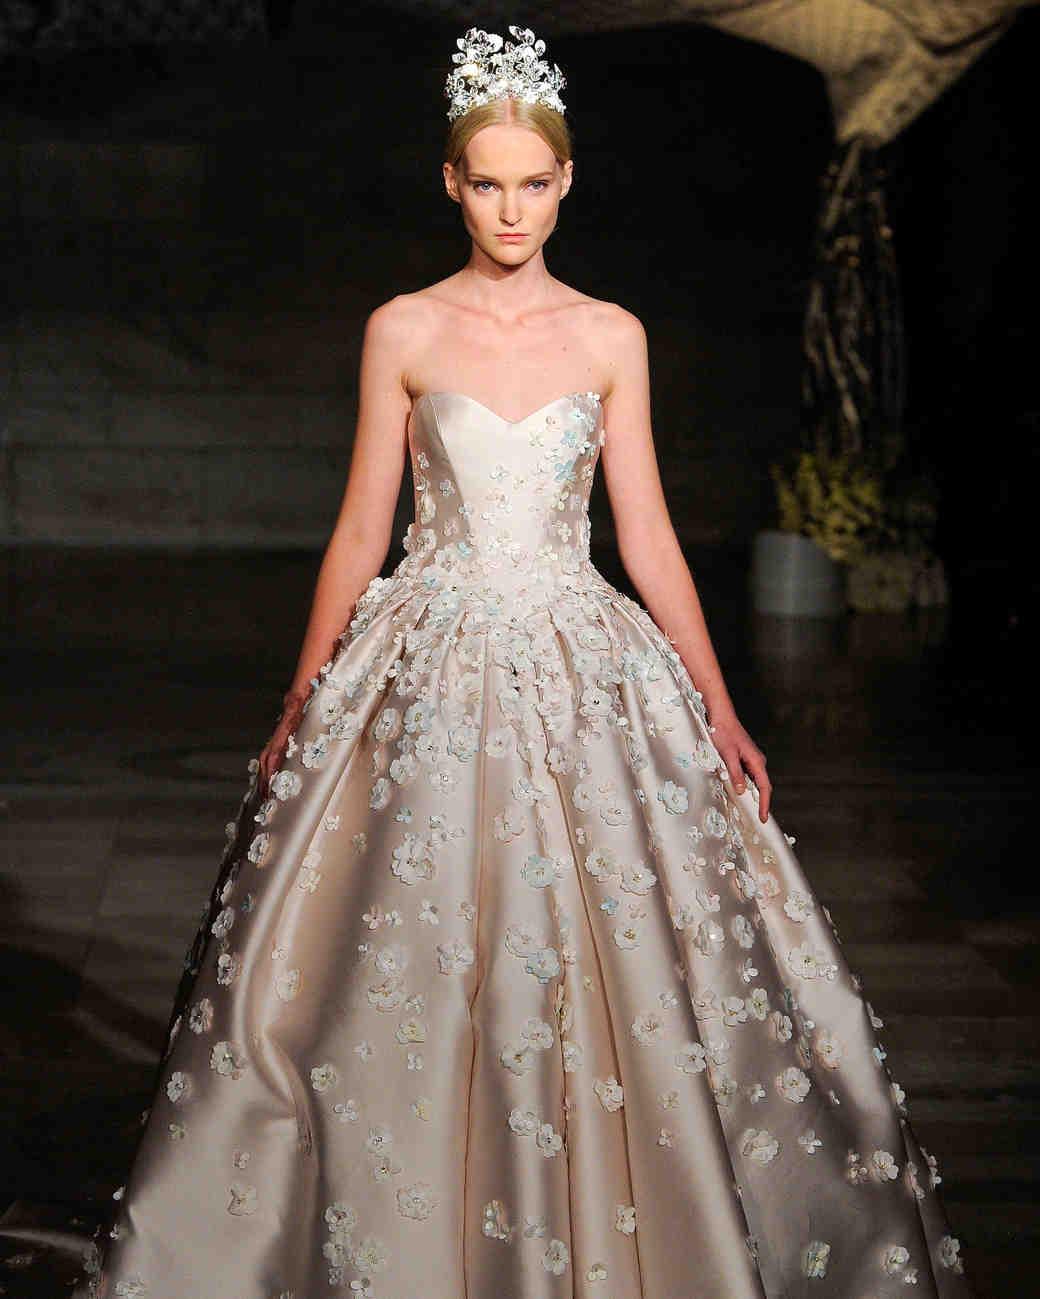 6  reem-acra-wedding-dress-fall2019-23_vert.jpg